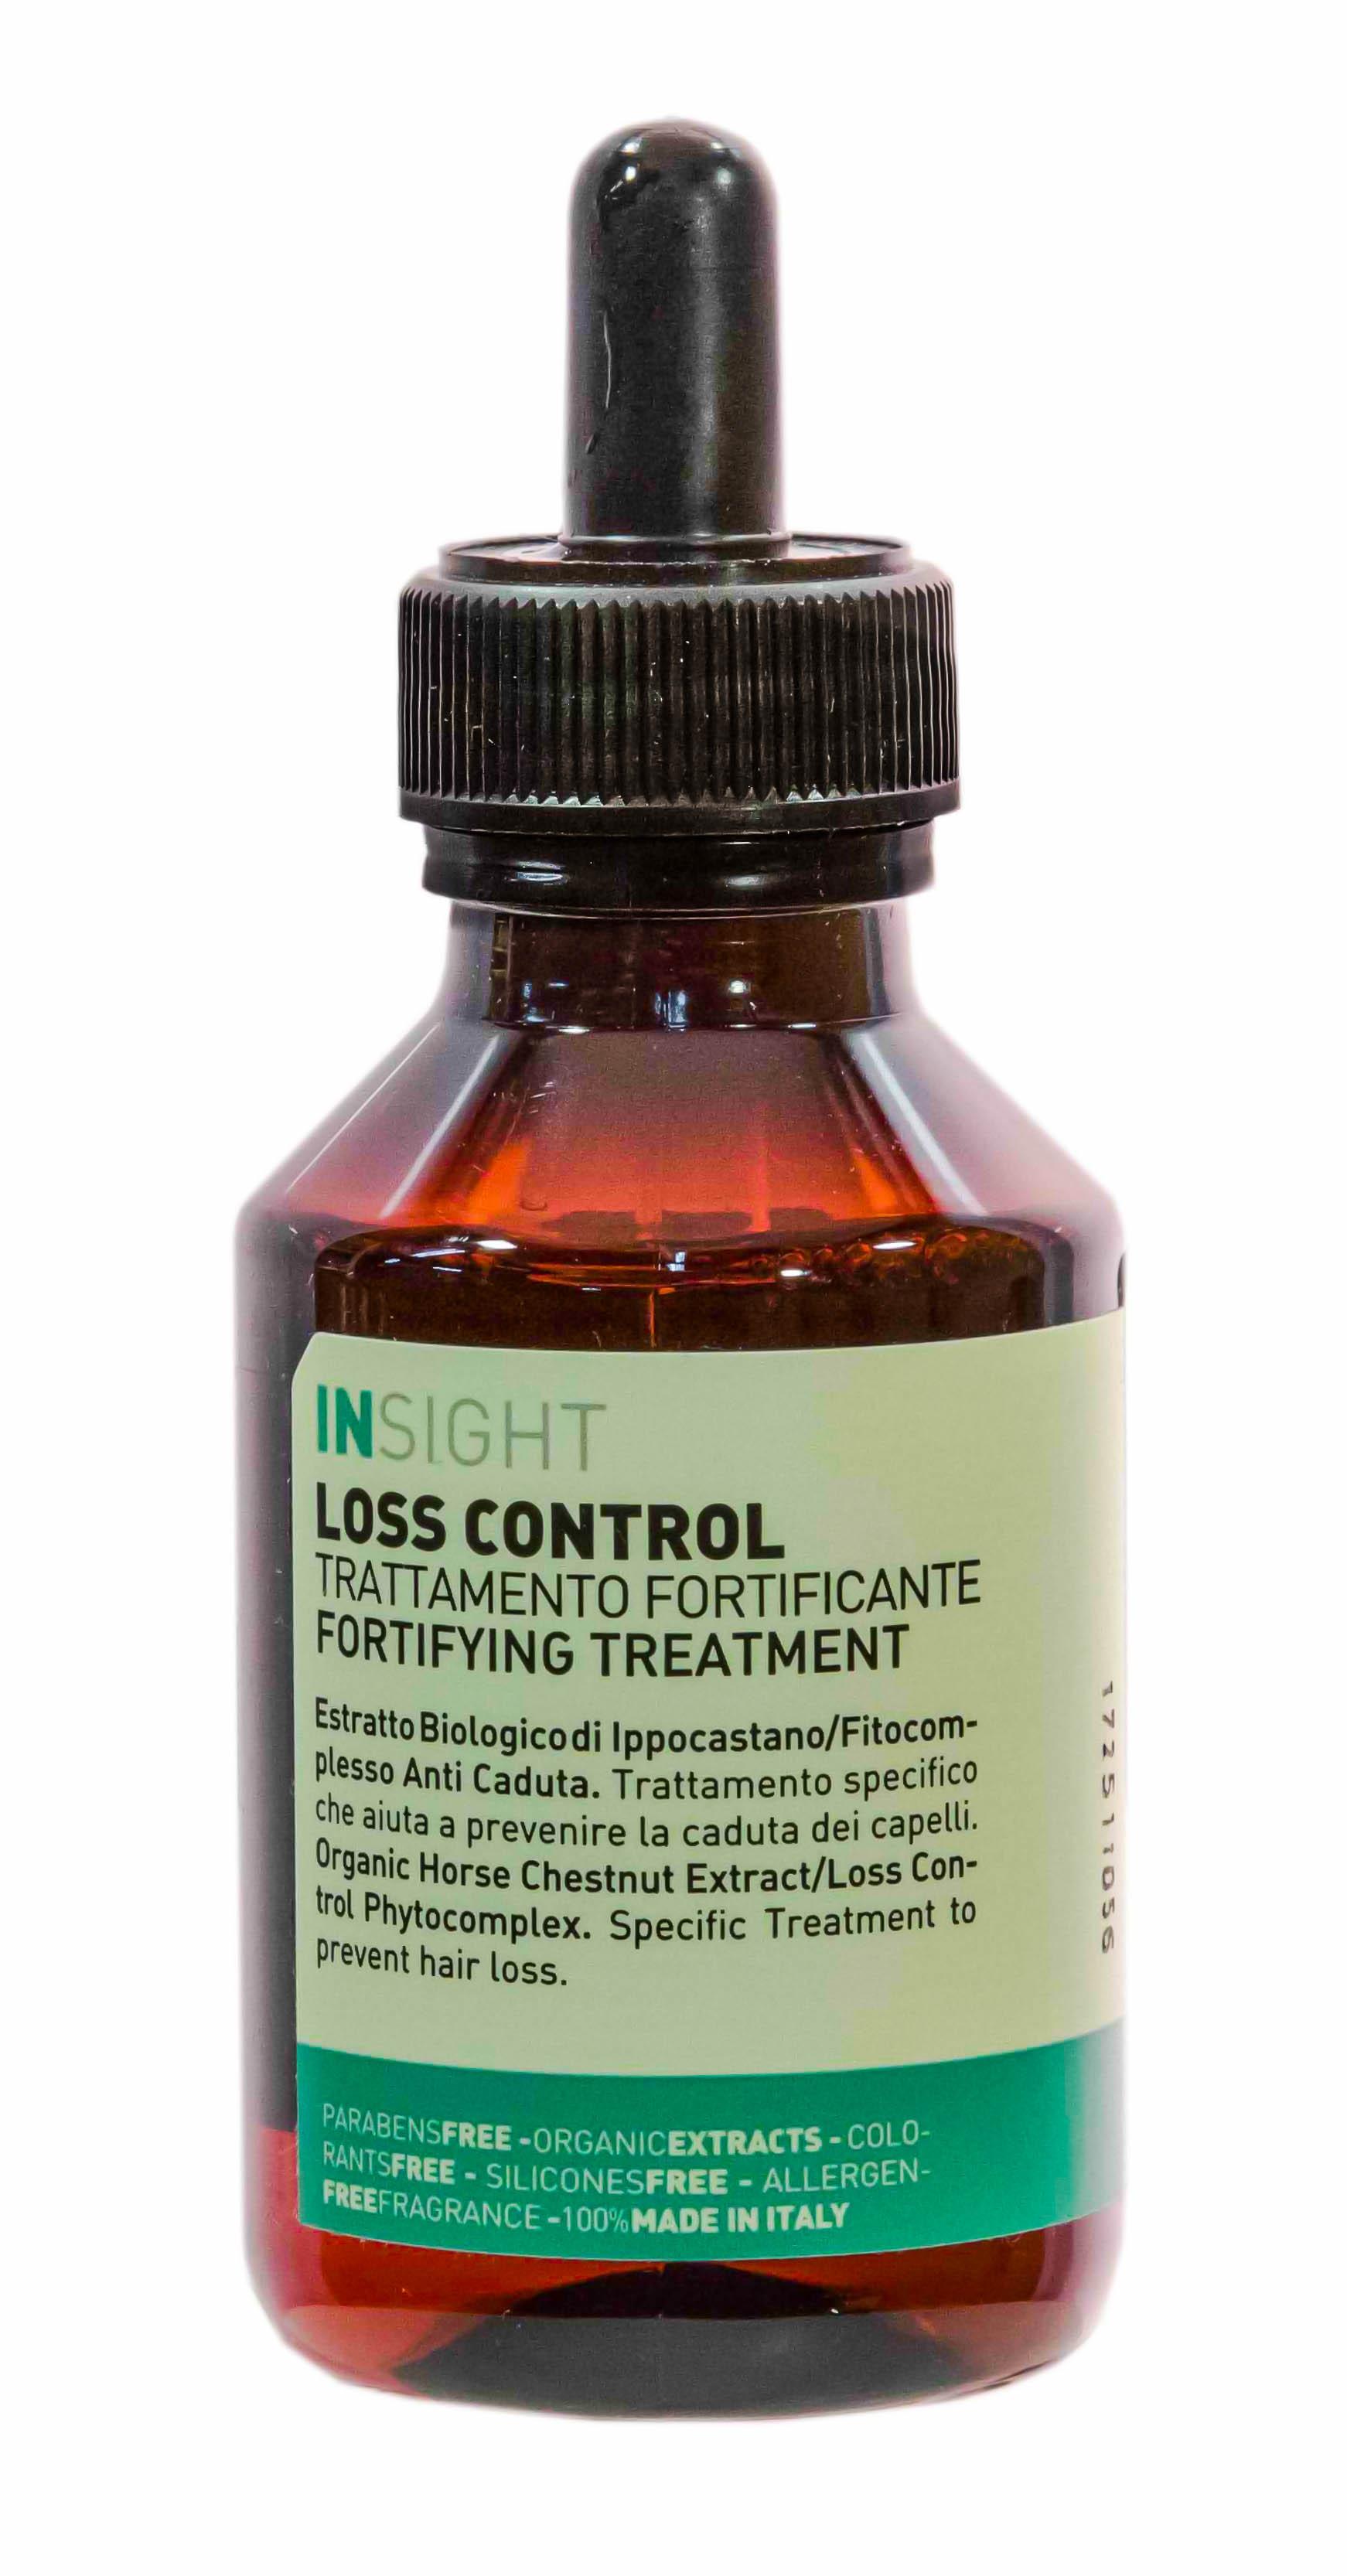 INSIGHT Лосьон Loss Control против Выпадения Волос, 100 мл недорого